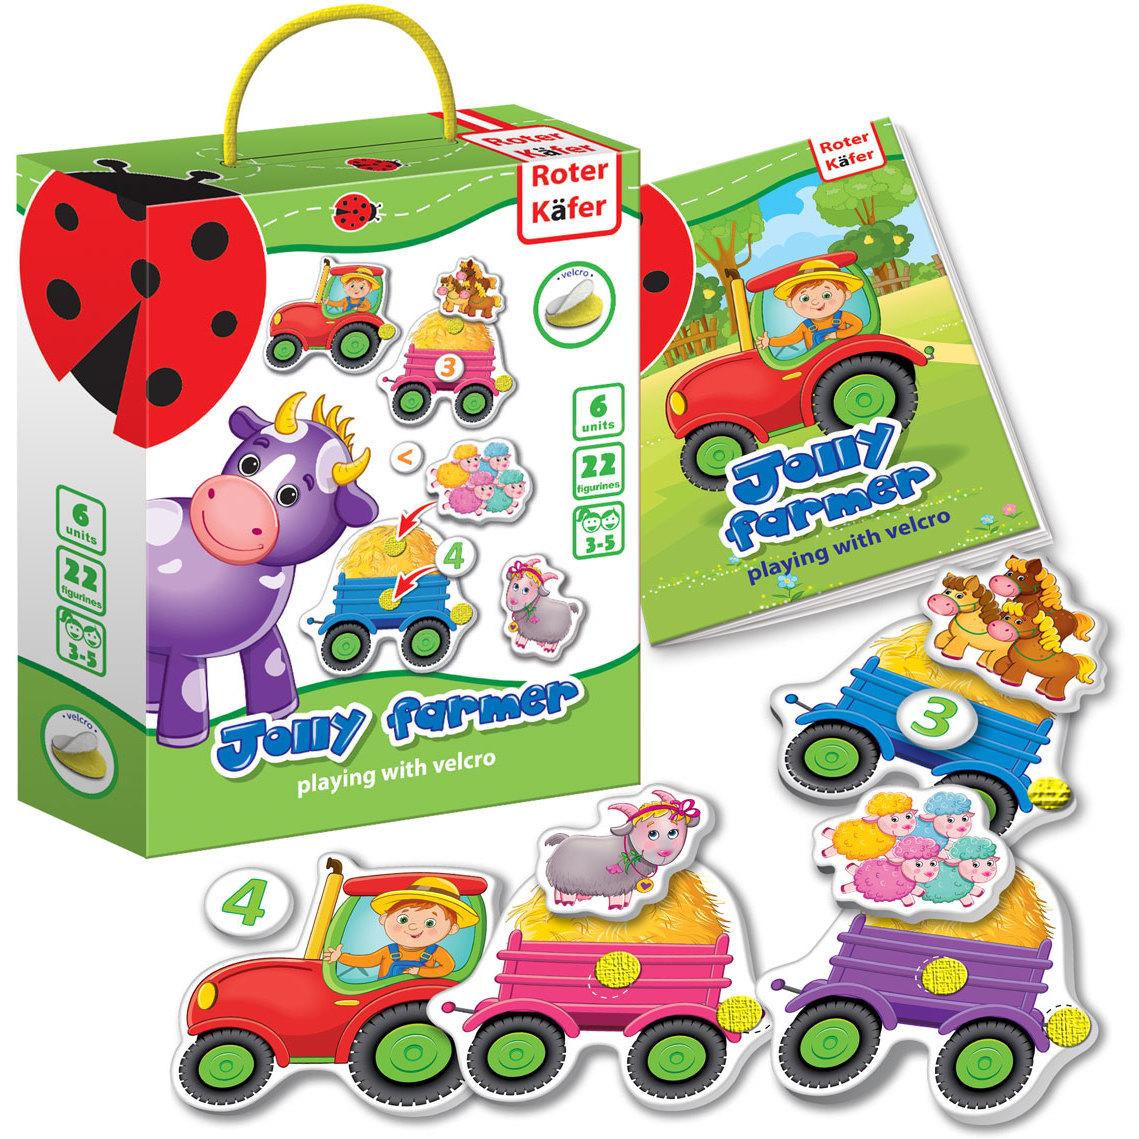 Joc educativ cu velcro Jolly Farmer Roter Kafer RK6101-03